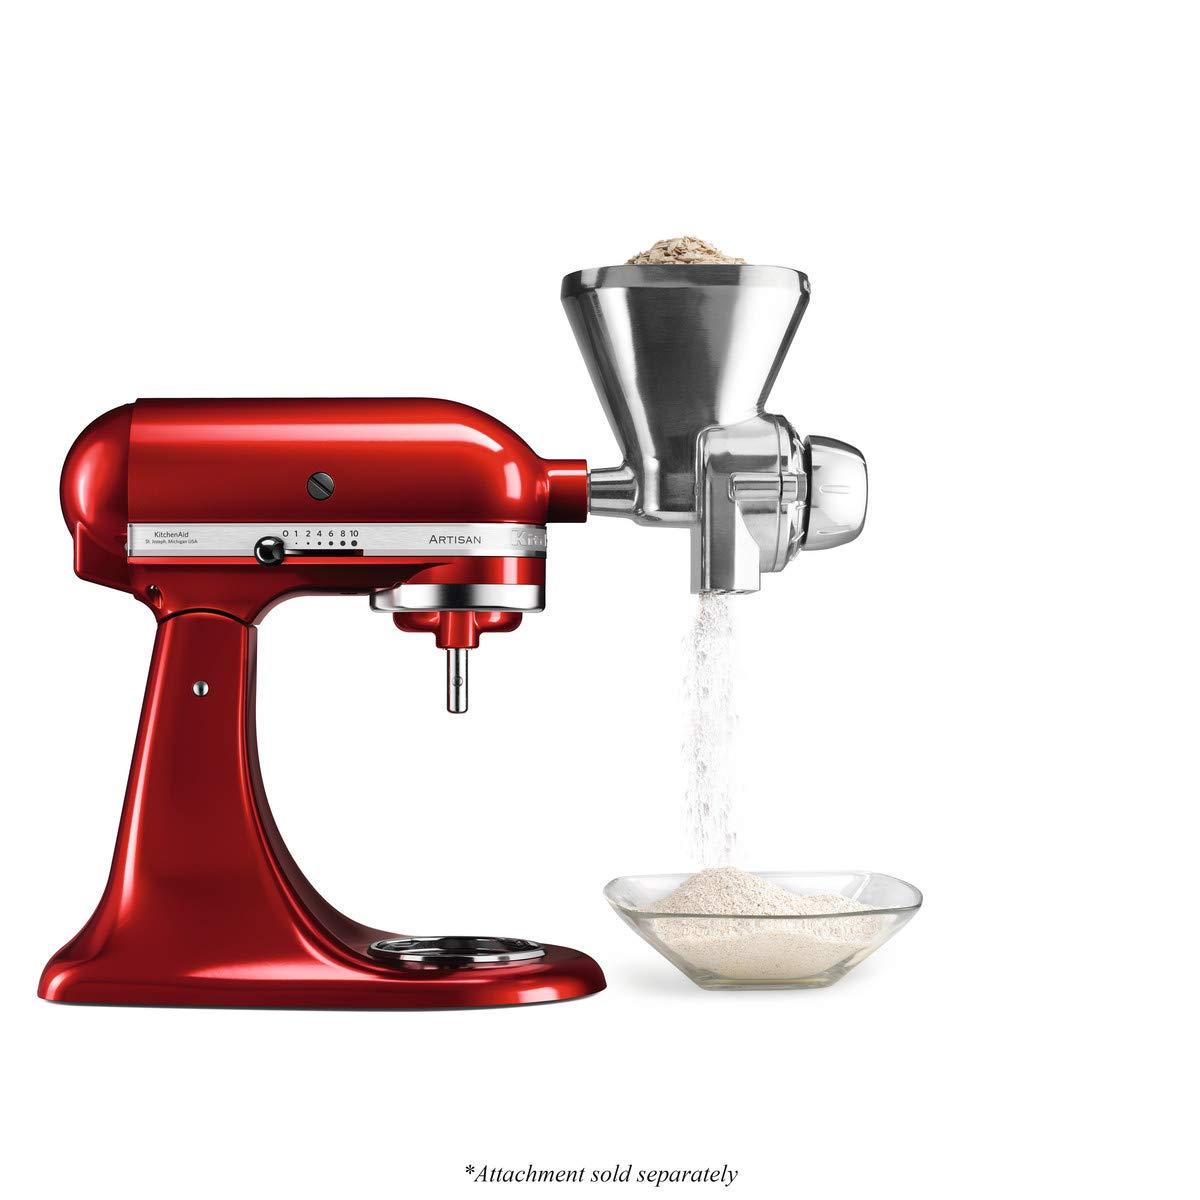 envio rapido a ti Kitchenaid KGM - Accesorio Kitchen Kitchen Kitchen Aid 5Kgm Molinillo De Cereales para Robots De Cocina  Precio por piso